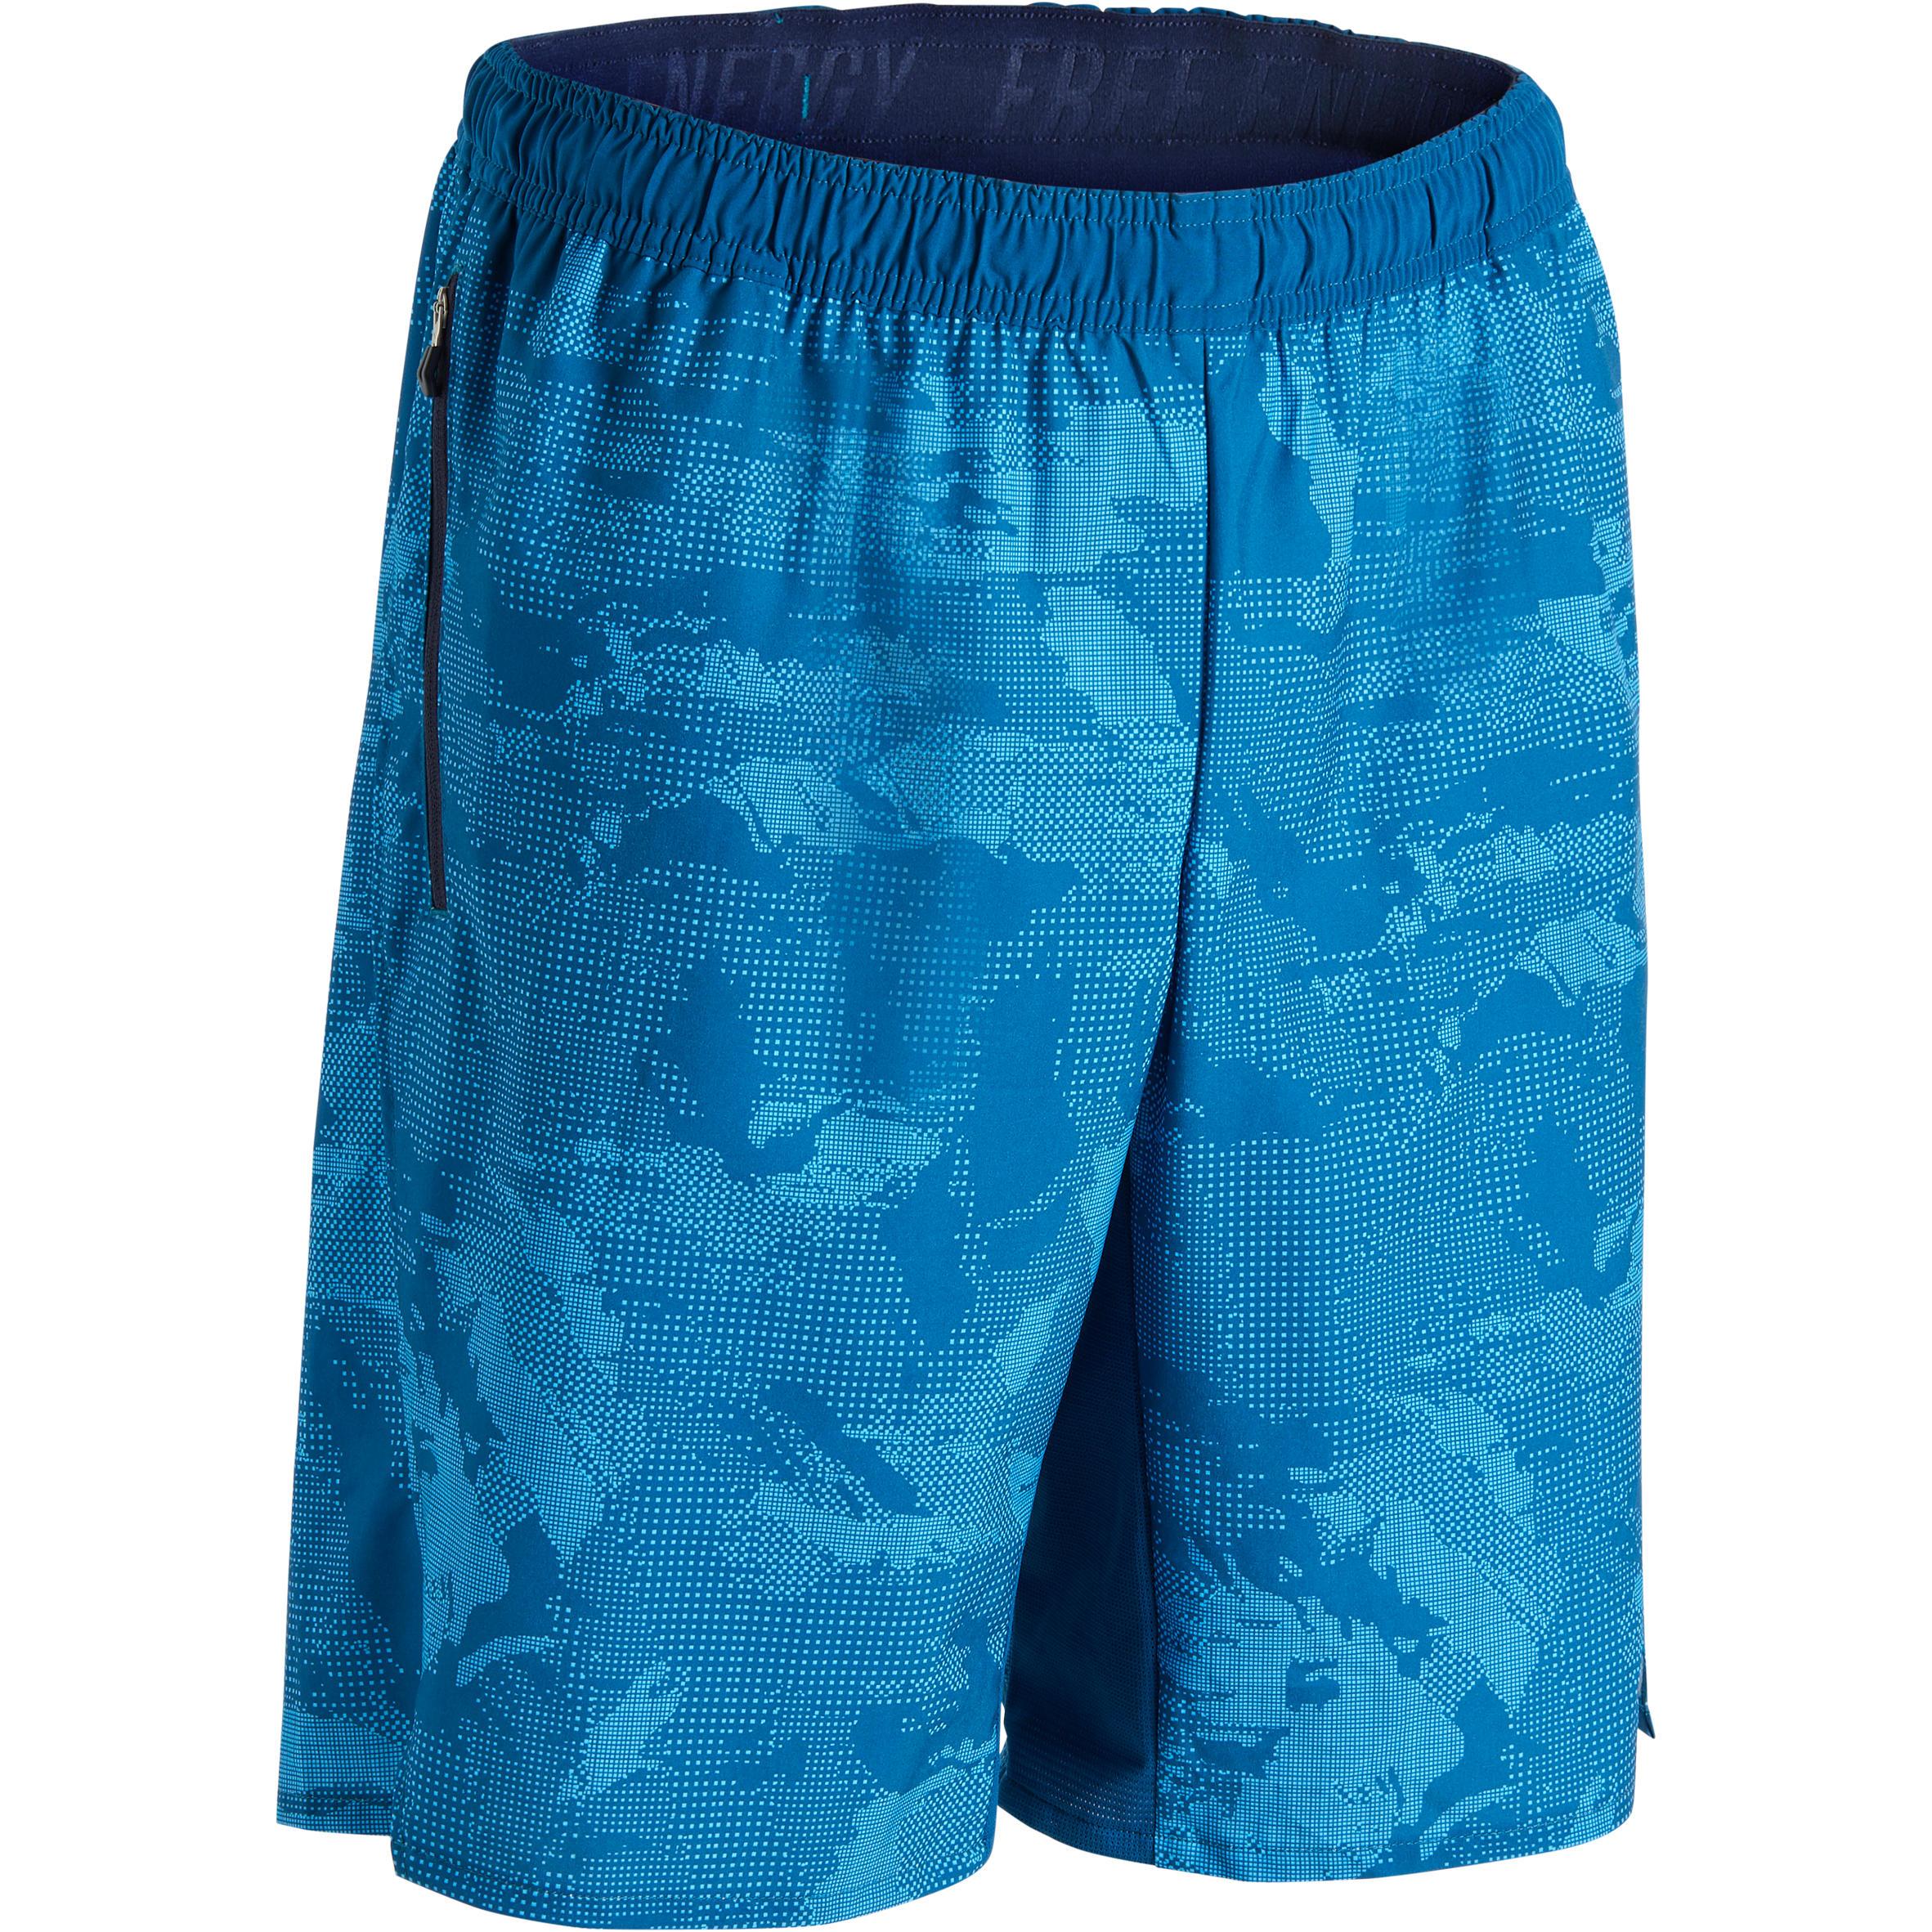 Domyos Cardiofitness short FTS500 voor heren blauw met print